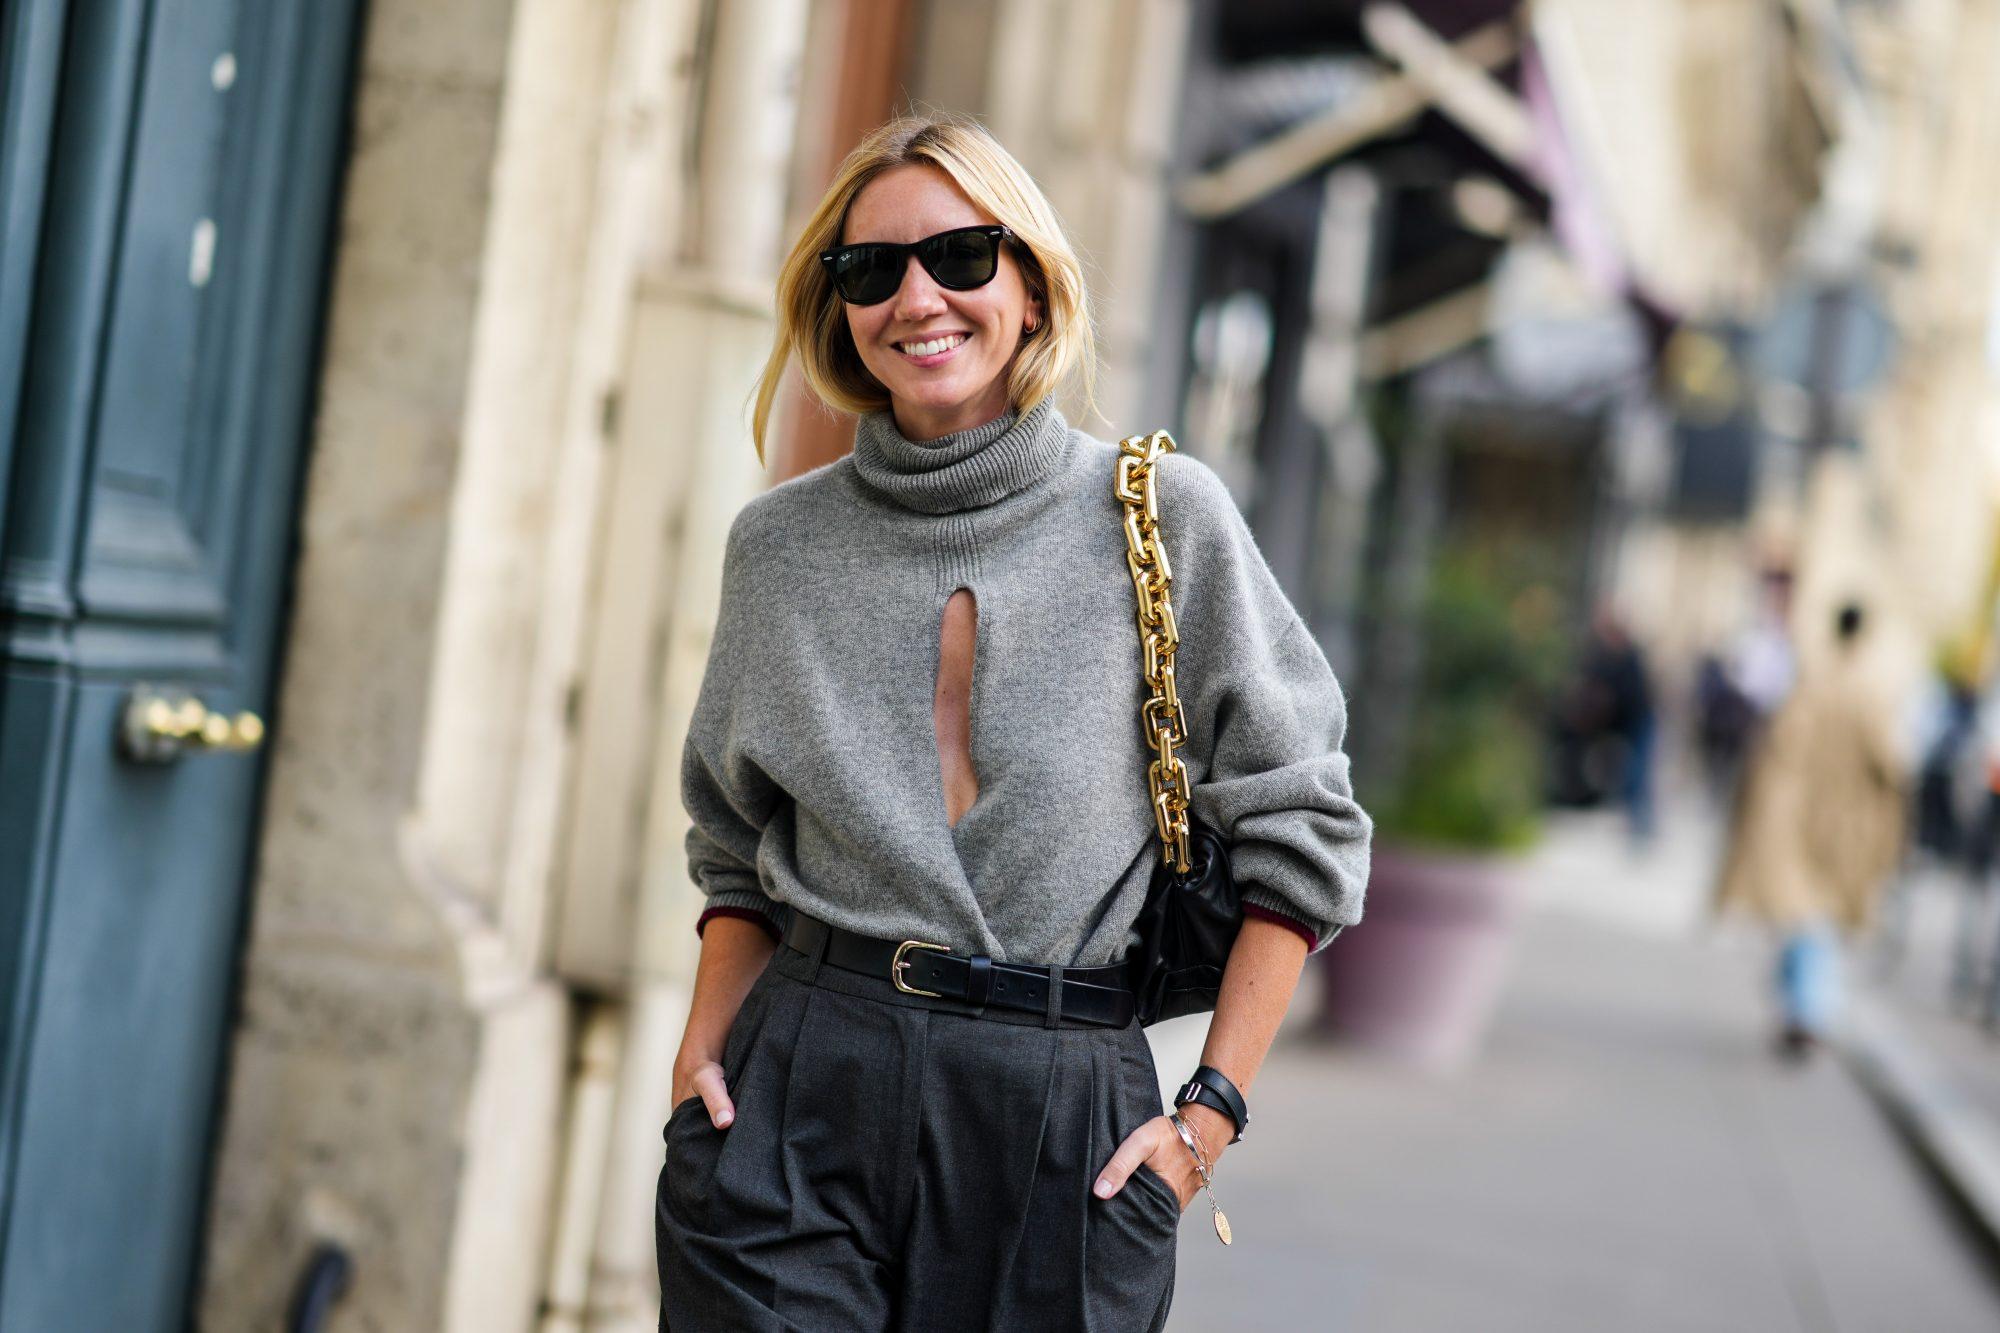 Ιστορίες για… δέσιμο: 7 τρόποι να εντάξεις την ζώνη στα all-day looks σου Το ιδανικό styling inspo για τις επόμενες ημέρες! Εκείνες που θα στέκεσαι μπροστά στην ντουλάπα με τις ώρες μη έχοντας ιδέα για το τι να φορέσεις...